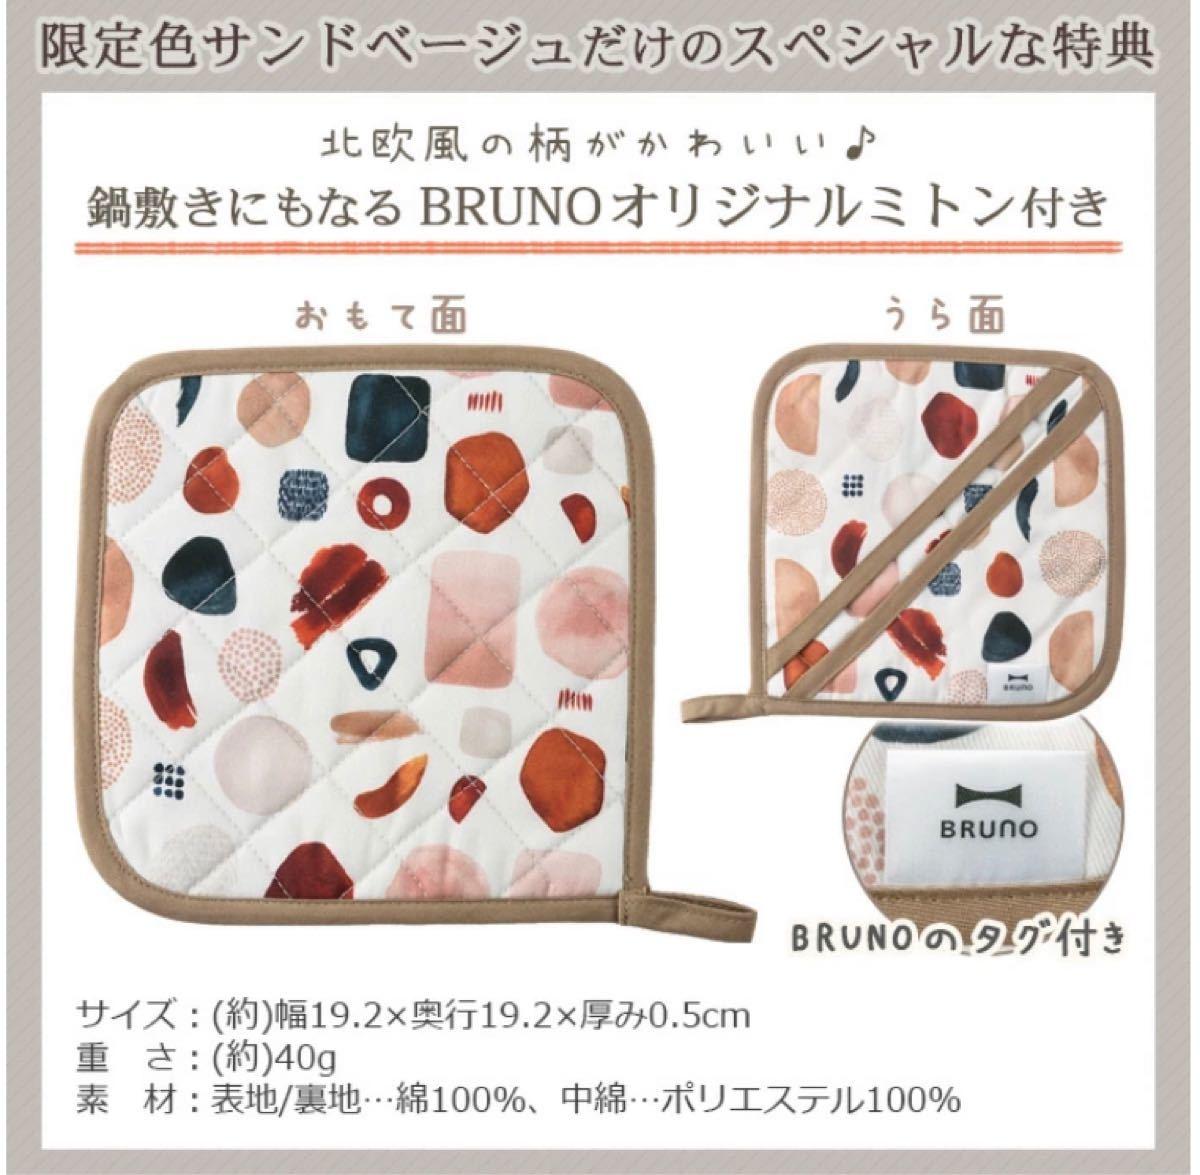 【週末値下げ中】ブルーノ コンパクトホットプレート 2種プレート 限定特典あり